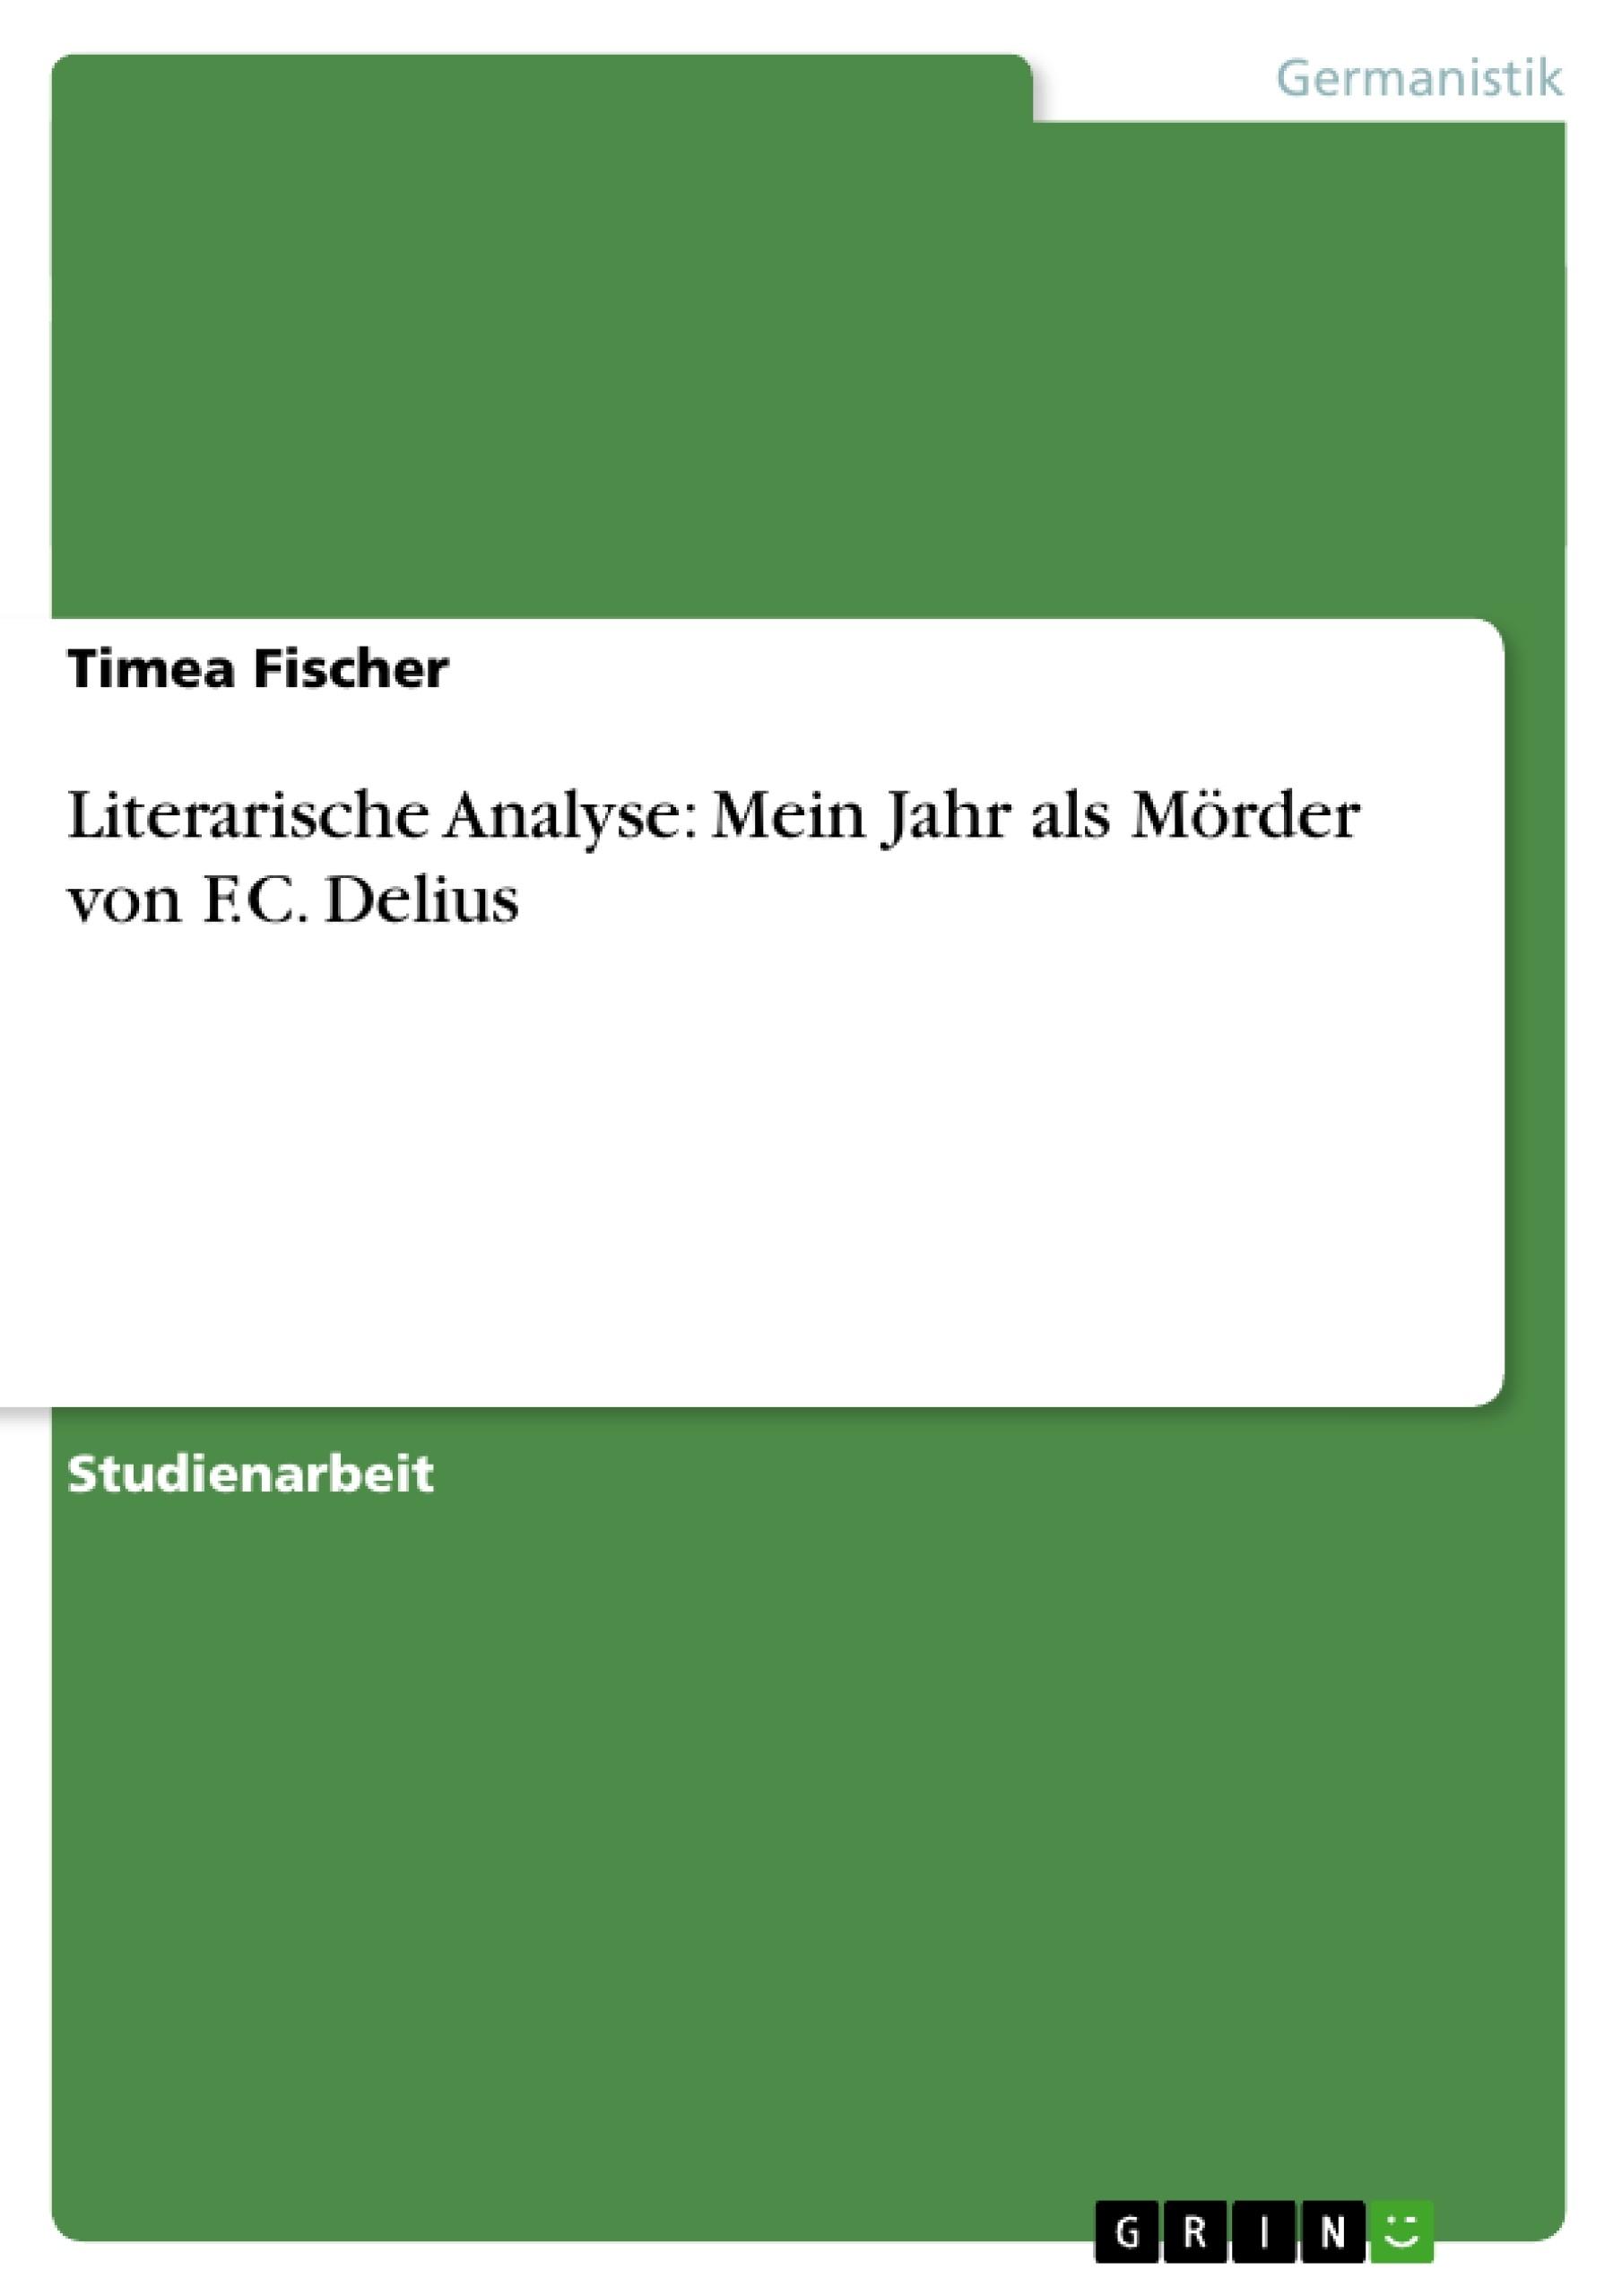 Titel: Literarische Analyse: Mein Jahr als Mörder von F.C. Delius